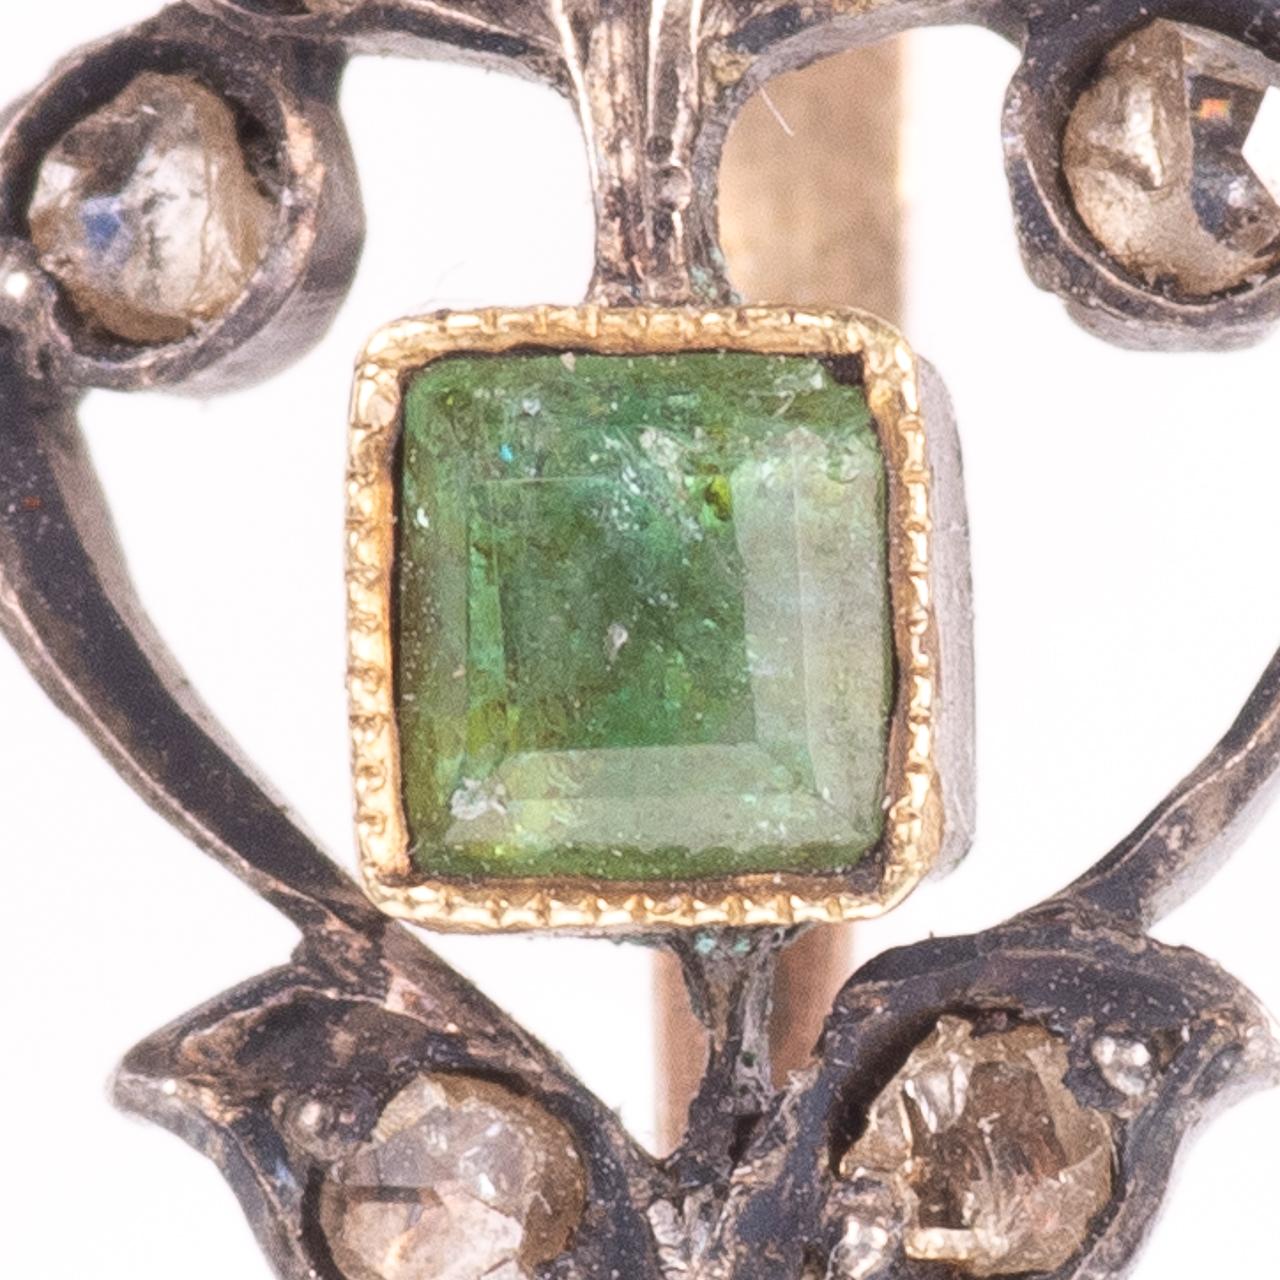 Rose Cut Diamond & Emerald Fleur de Lis Pendant - Image 2 of 6